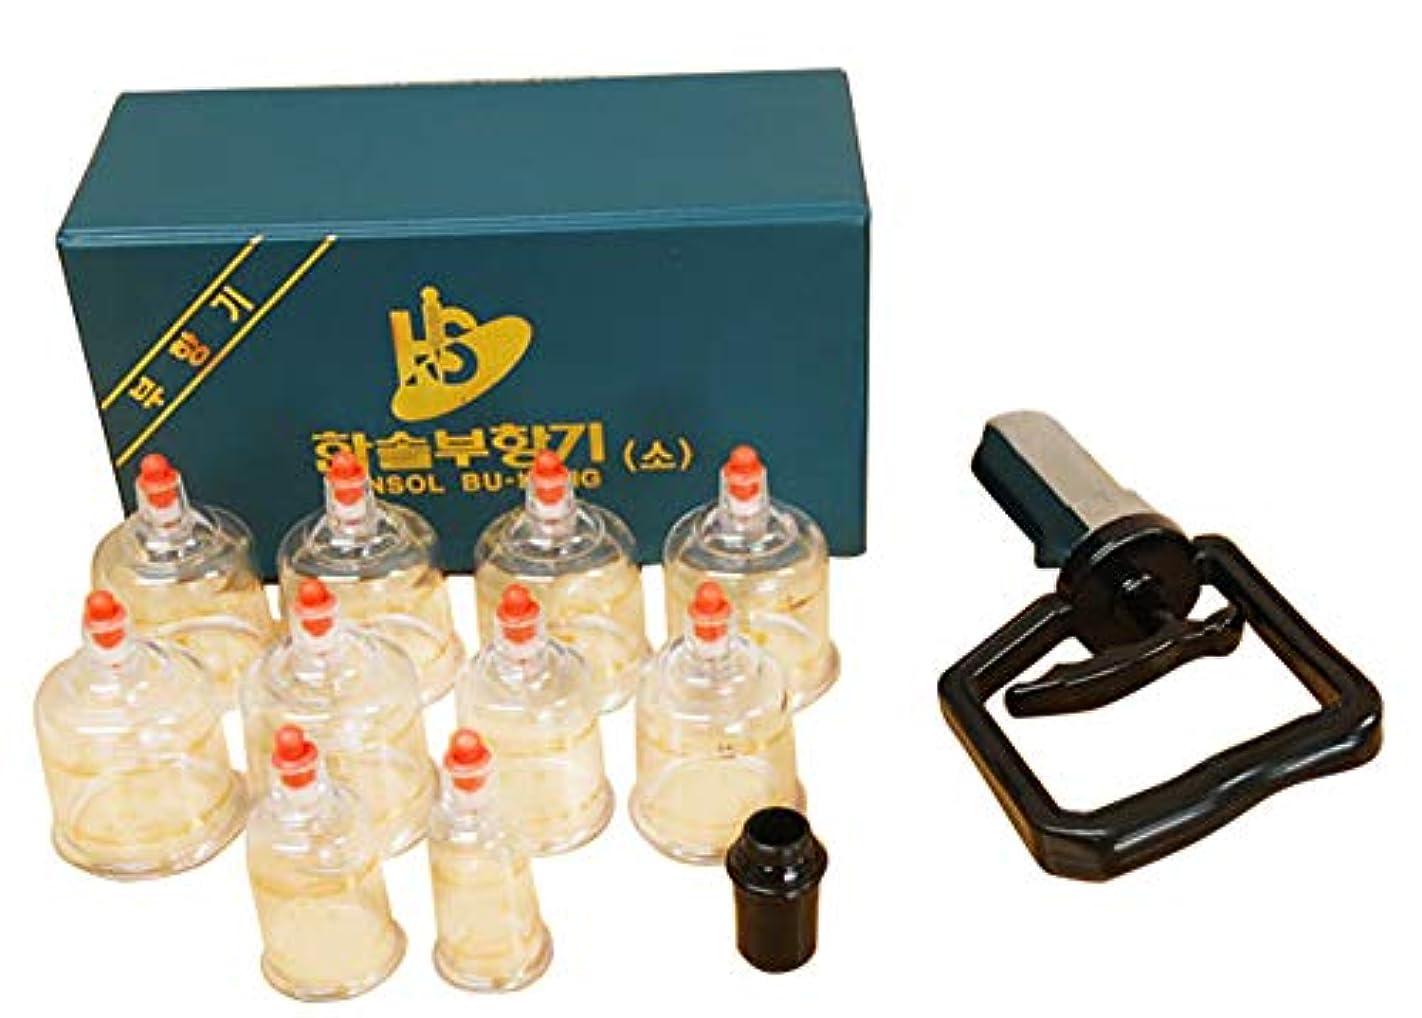 適合する覚えている靴下中国四千年の健康法「吸玉」がご家庭で手軽にできる!ハンソルメディカル ブハン カッピングカップ10個セット